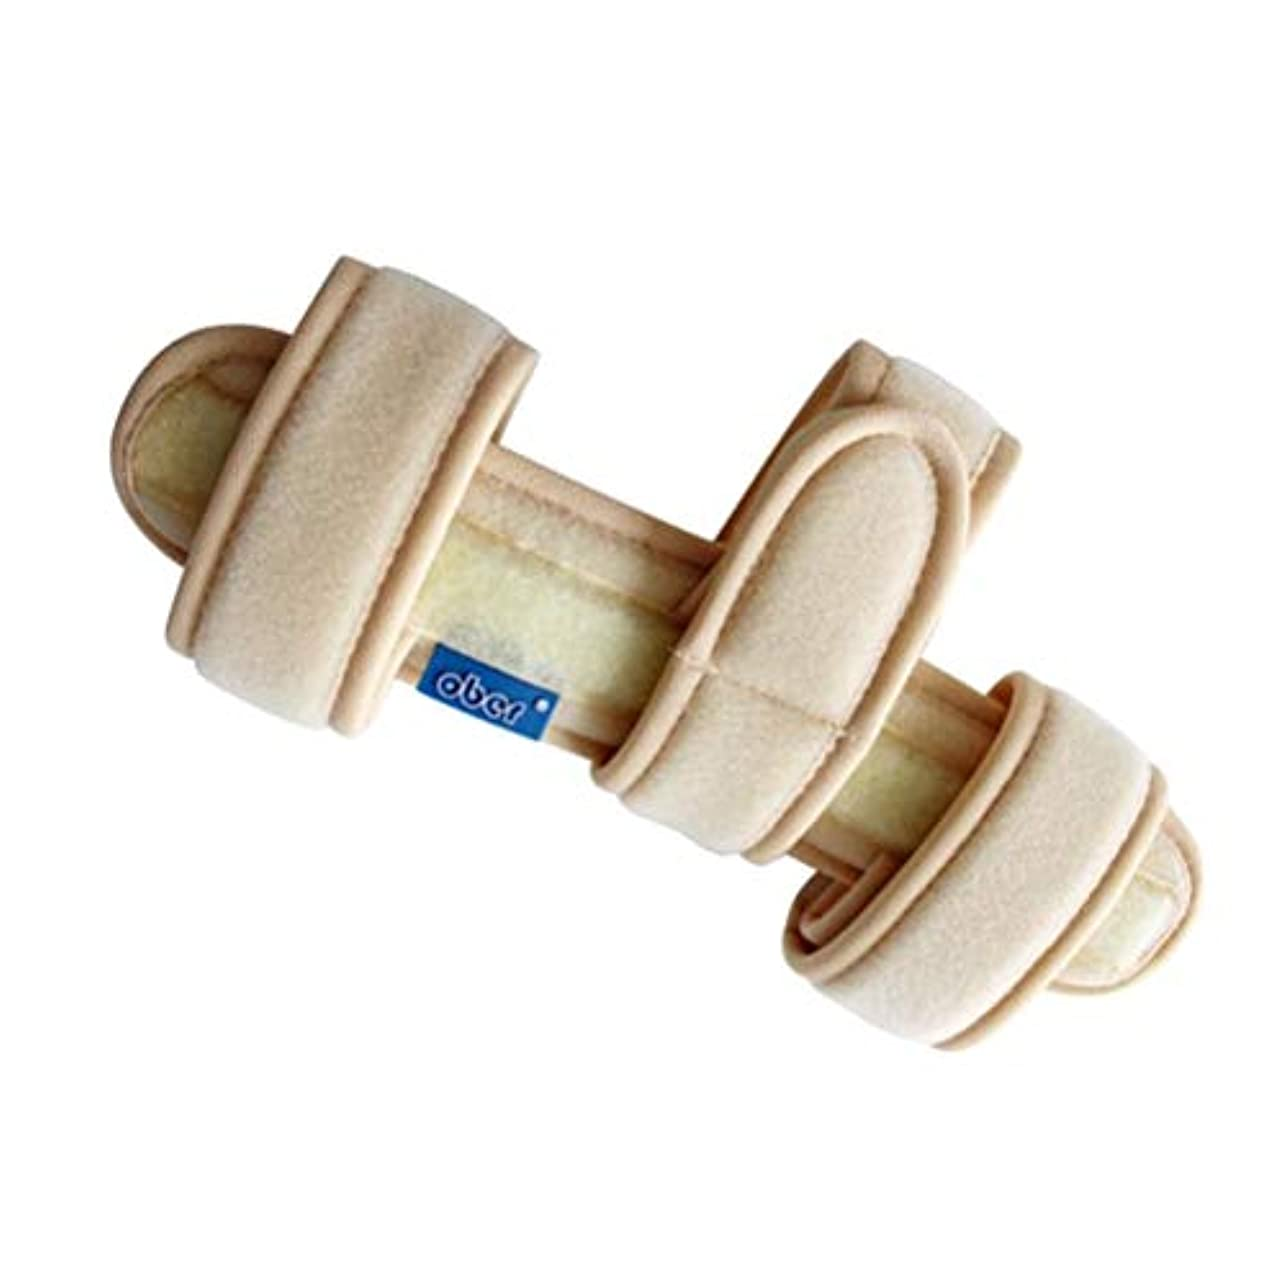 エクステント受け入れサーフィン手首トンネルサポートのための手首サポート支柱手根管トンネル副木捻挫腱炎と関節炎(ベージュ)